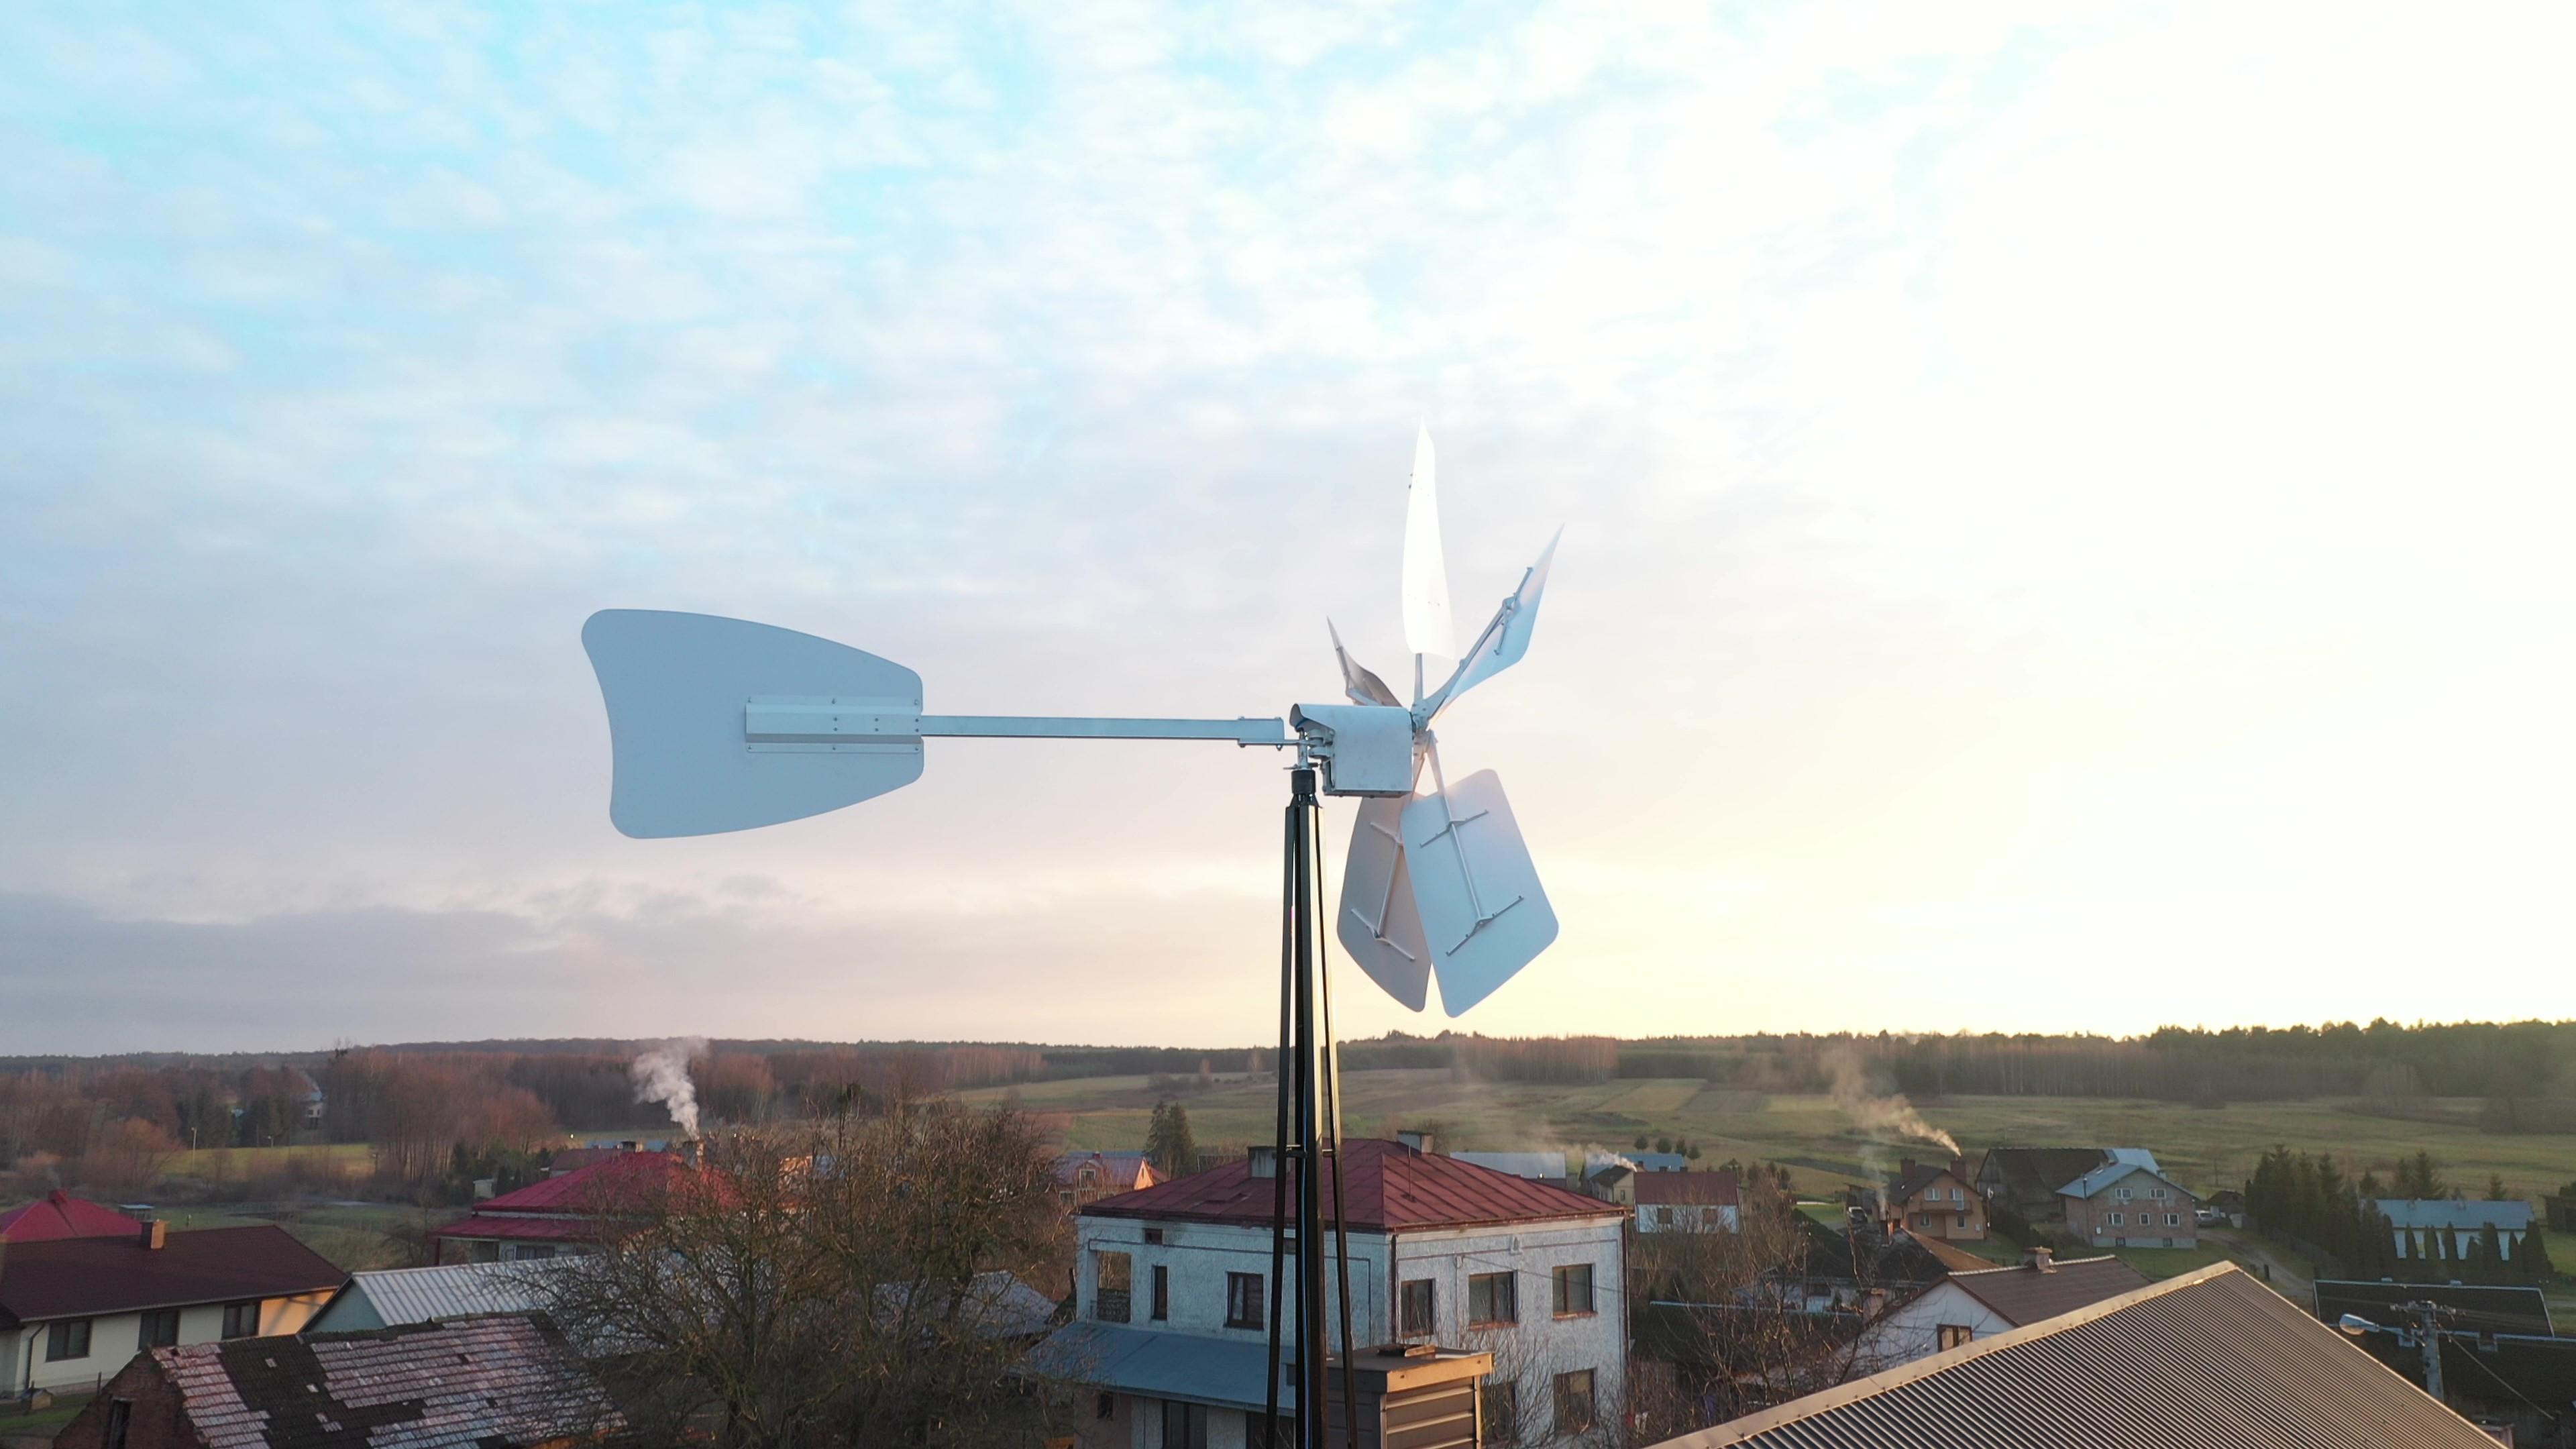 Ekologiczny bezobsługowy system do napowietrzania akwenów wodnych oparty na technologii małogabarytowych turbin wiatrowych